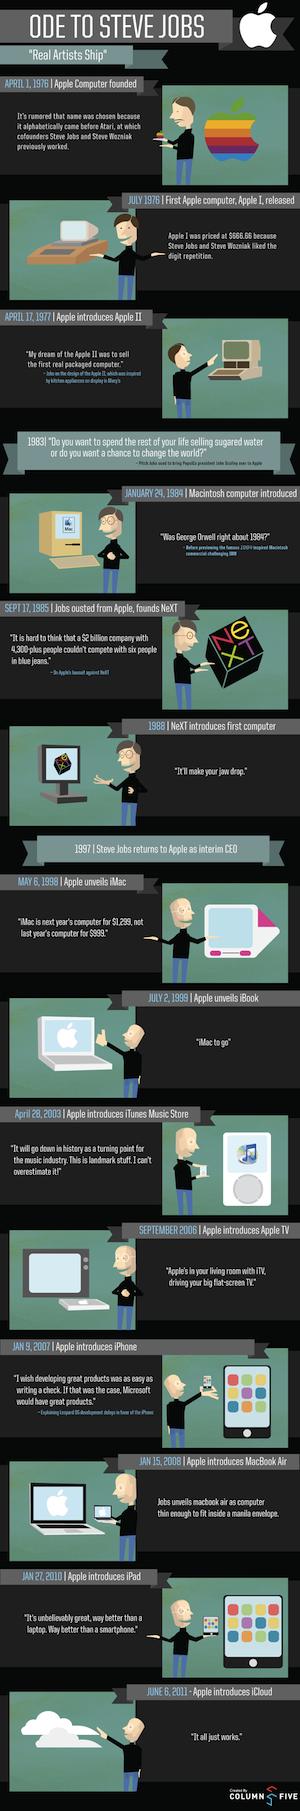 produits lancés Toute lhistoire de Steve Jobs chez Apple en une image !